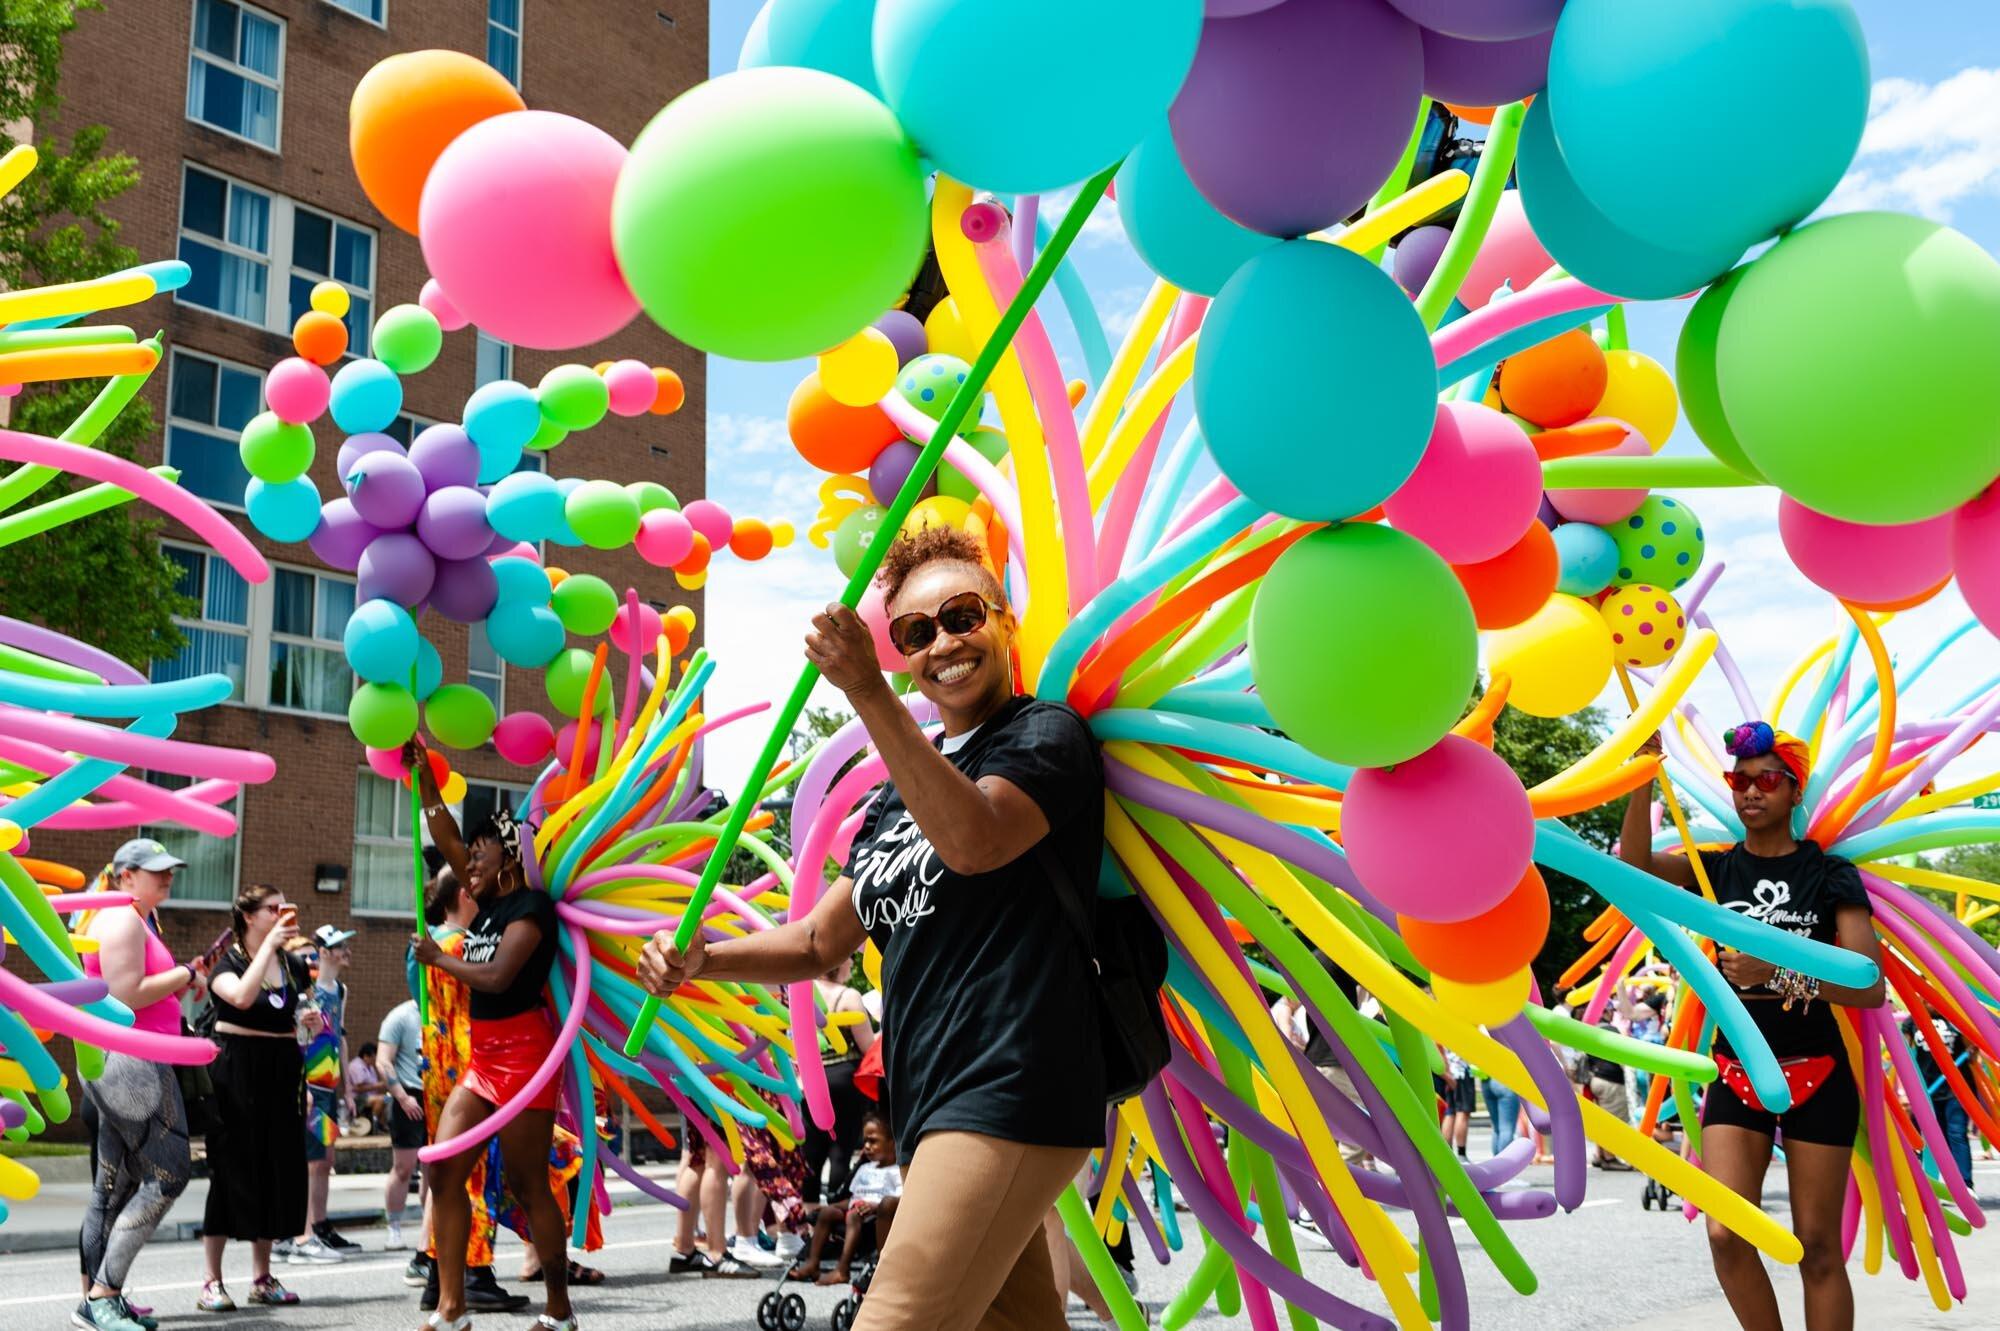 Emily Lewis Creative_Baltimore Pride Parade_2019-06-15-75.jpg